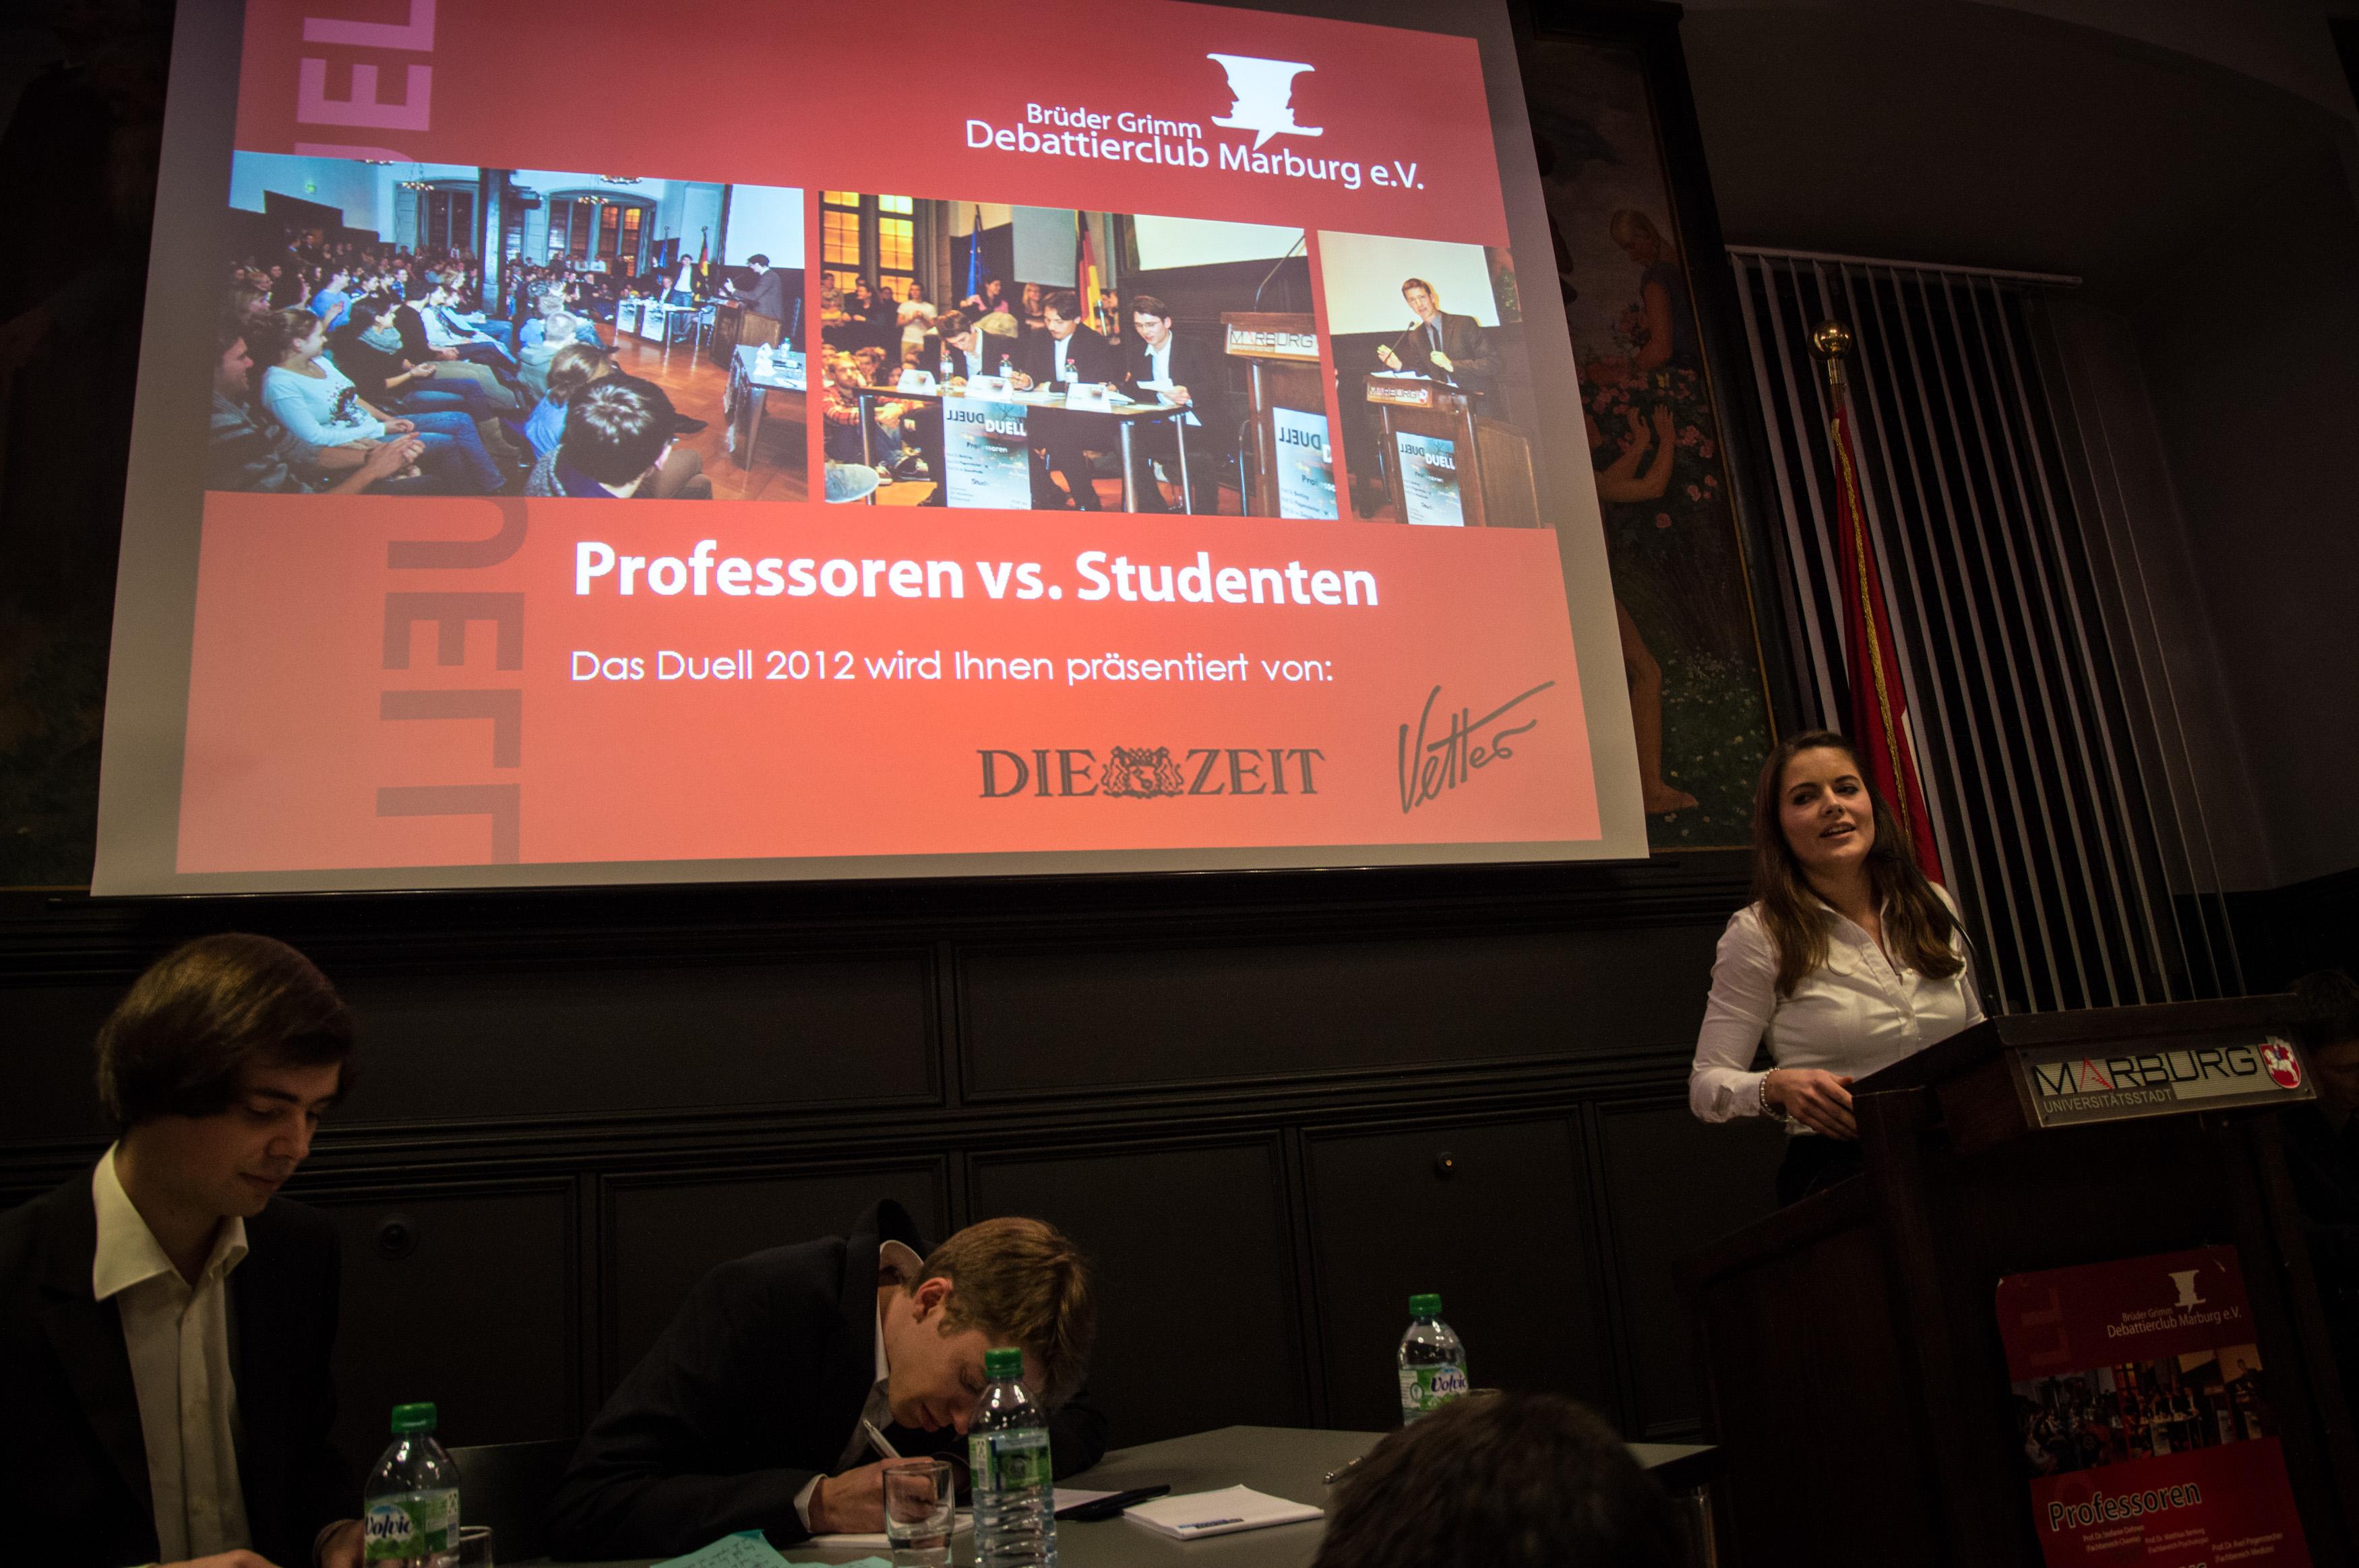 Los geht's: Diesmal waren die Studenten beim Rededuell gegen Marburger Professoren nicht zu schlagen. (Bild: Brüder Grimm Debattierclub Marburg)